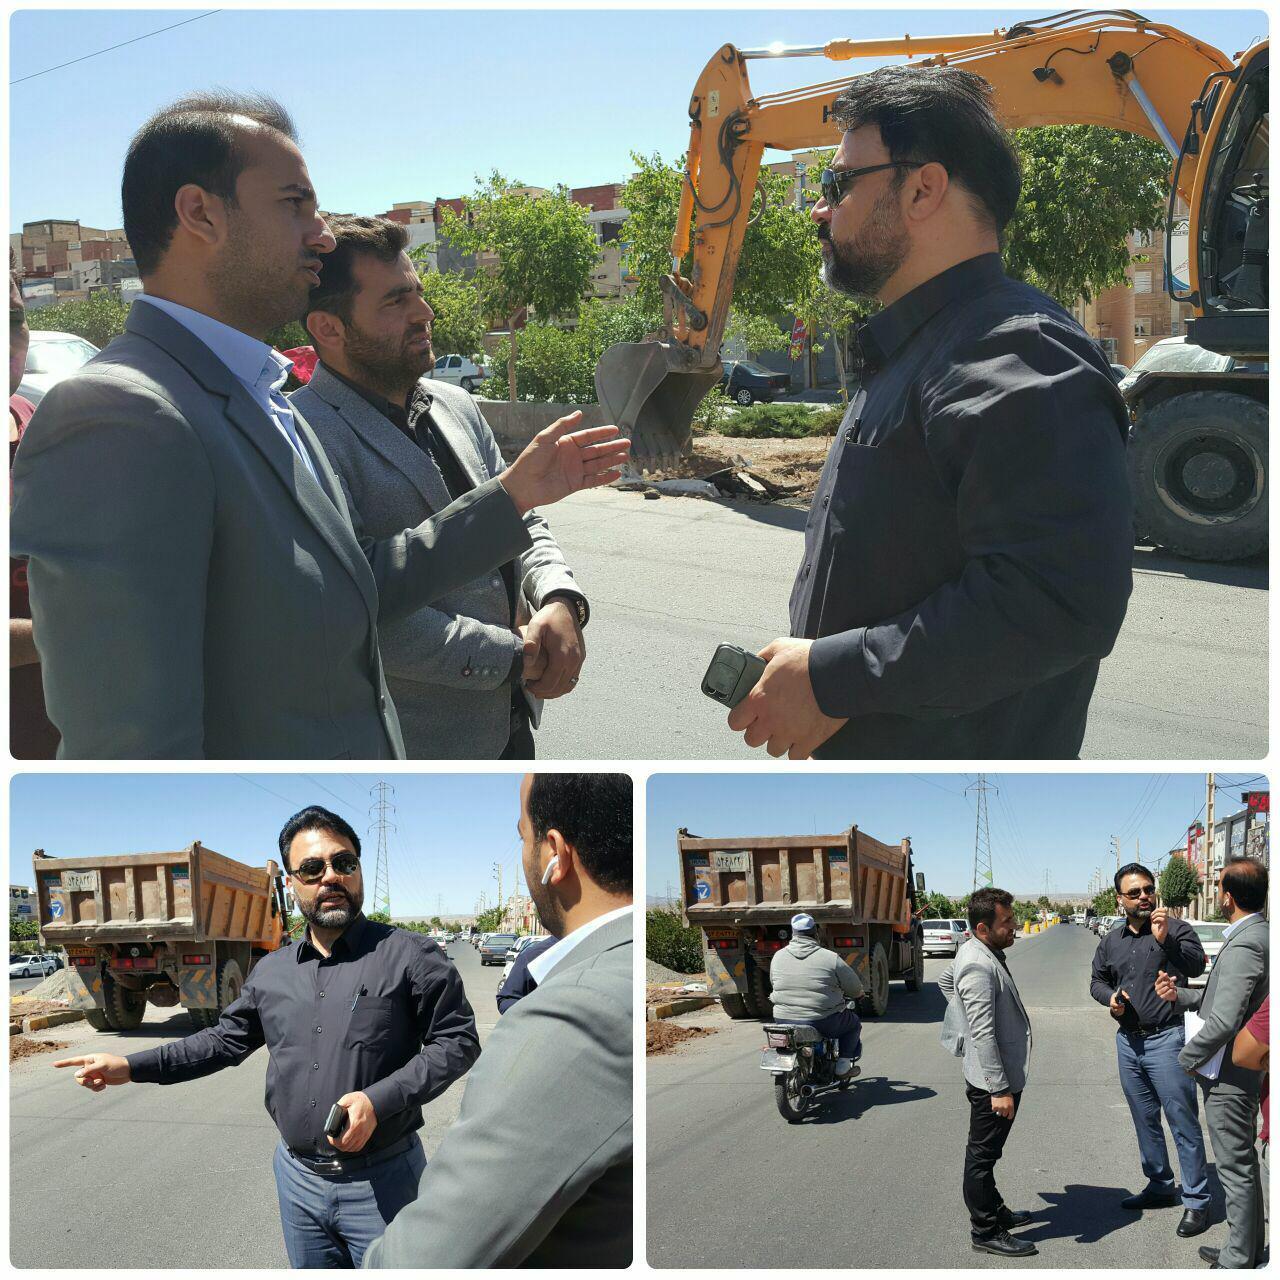 بازدید شهردار پرند از سطح شهر / تأکید مهندس عرب بر نظارت دقیق پروژه های عمرانی